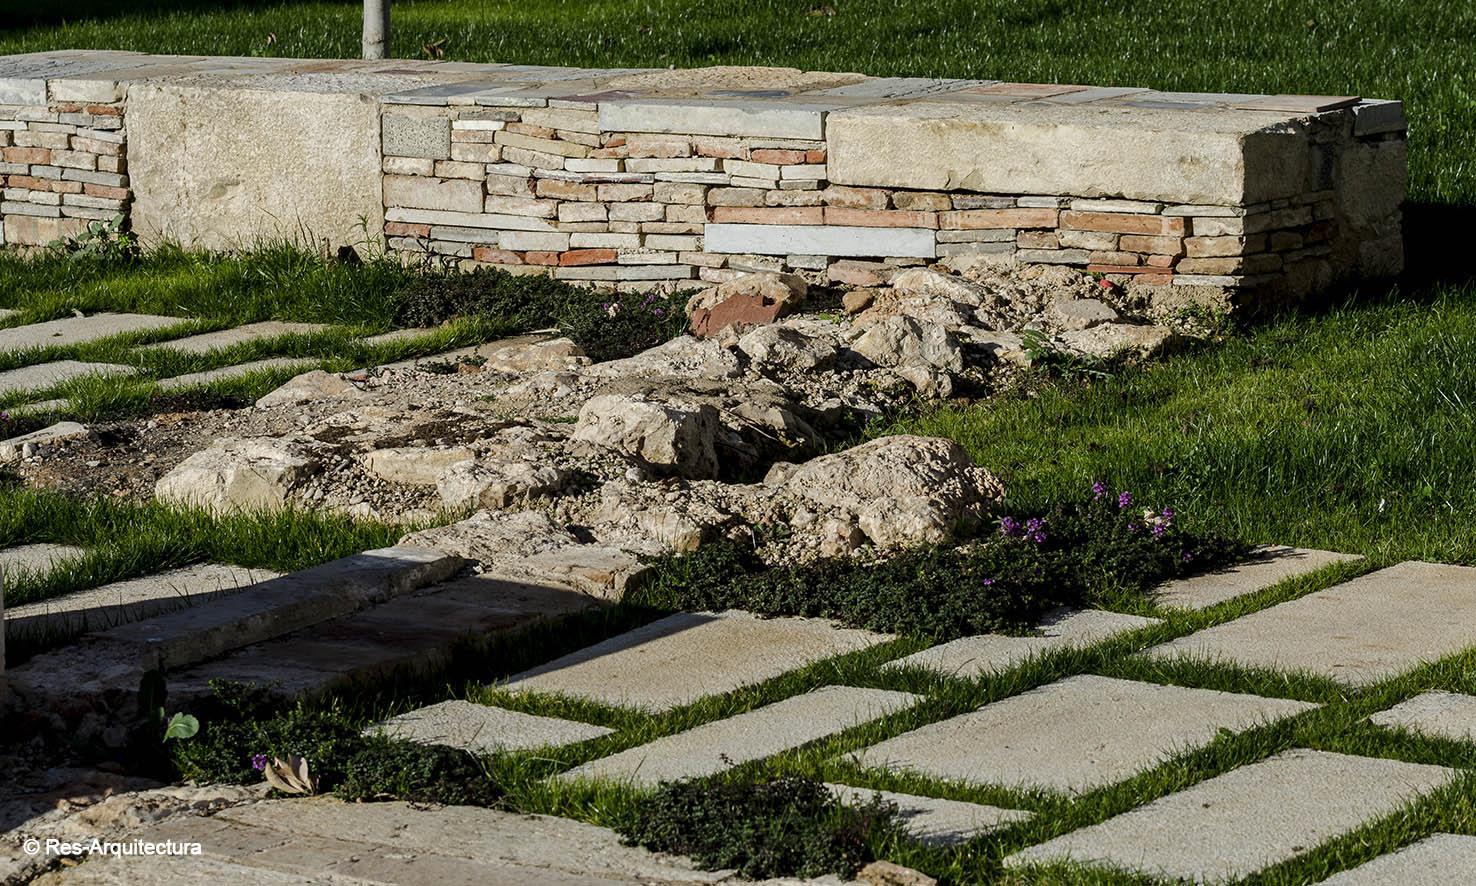 Plaza-jardín en Vinaròs. Detalle